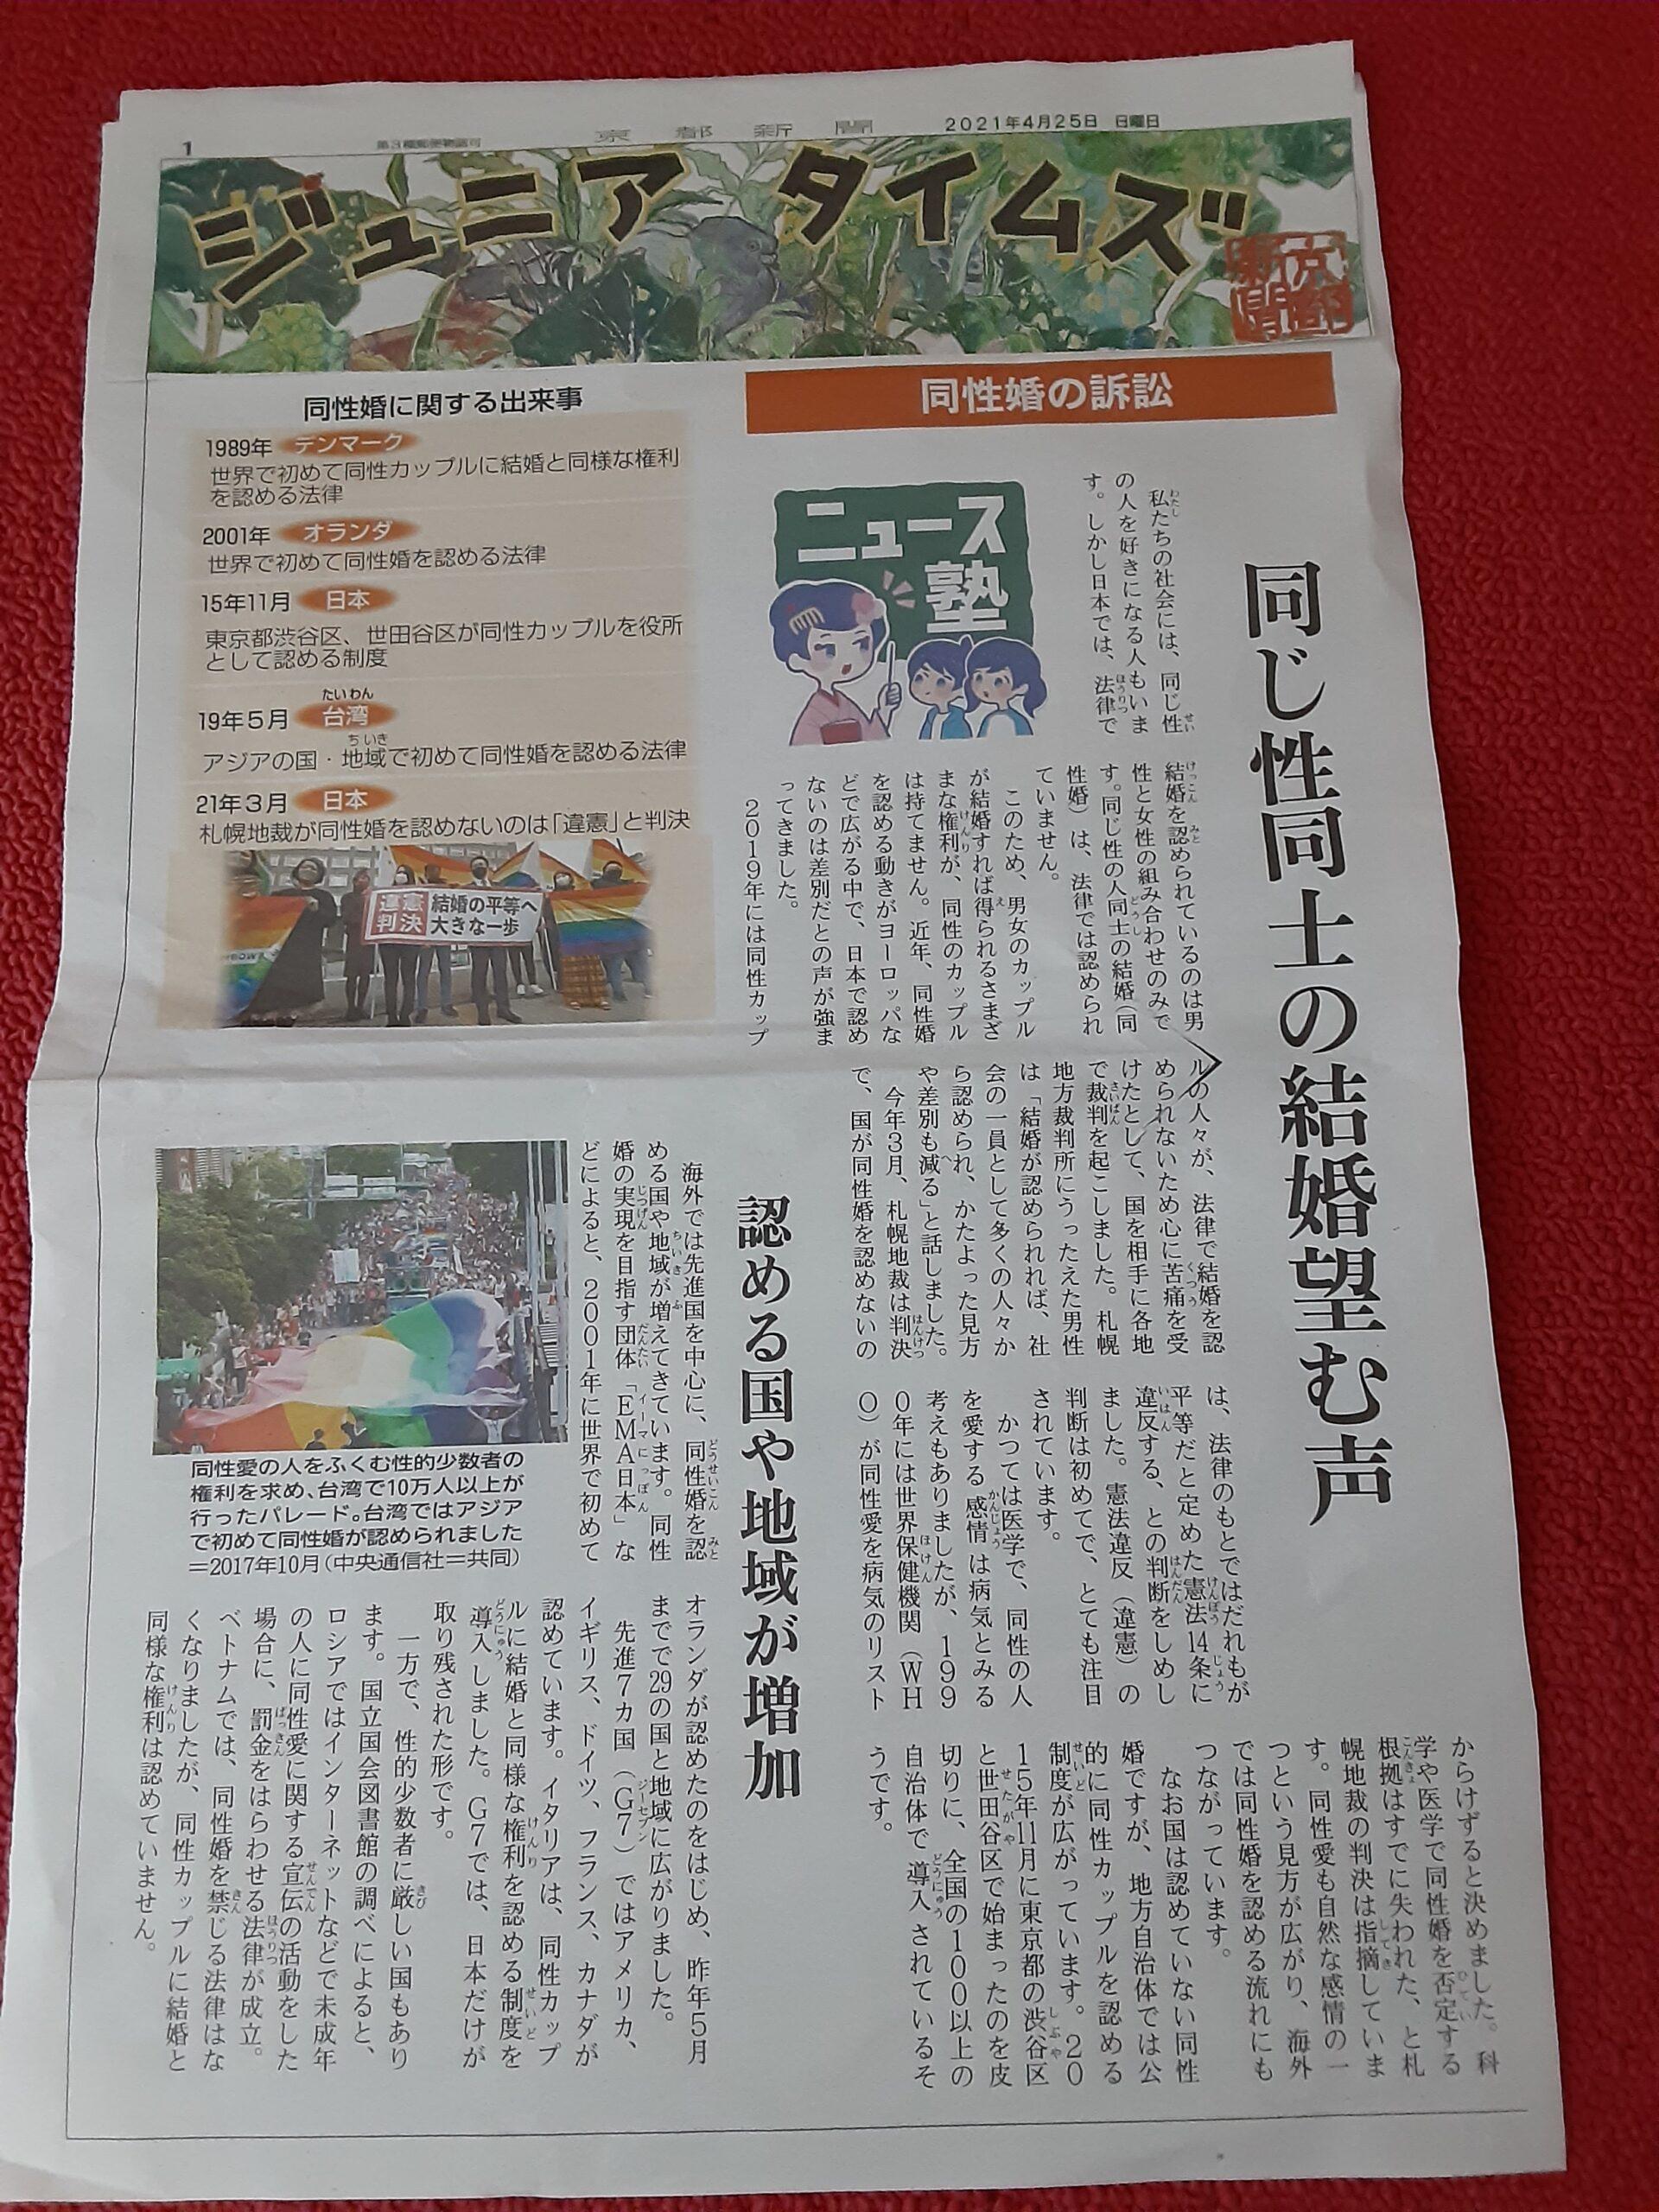 京都新聞(4月25日)『ジュニアタイムズ』(こども新聞)にLGBT🌈の記事が大きく掲載されていました。